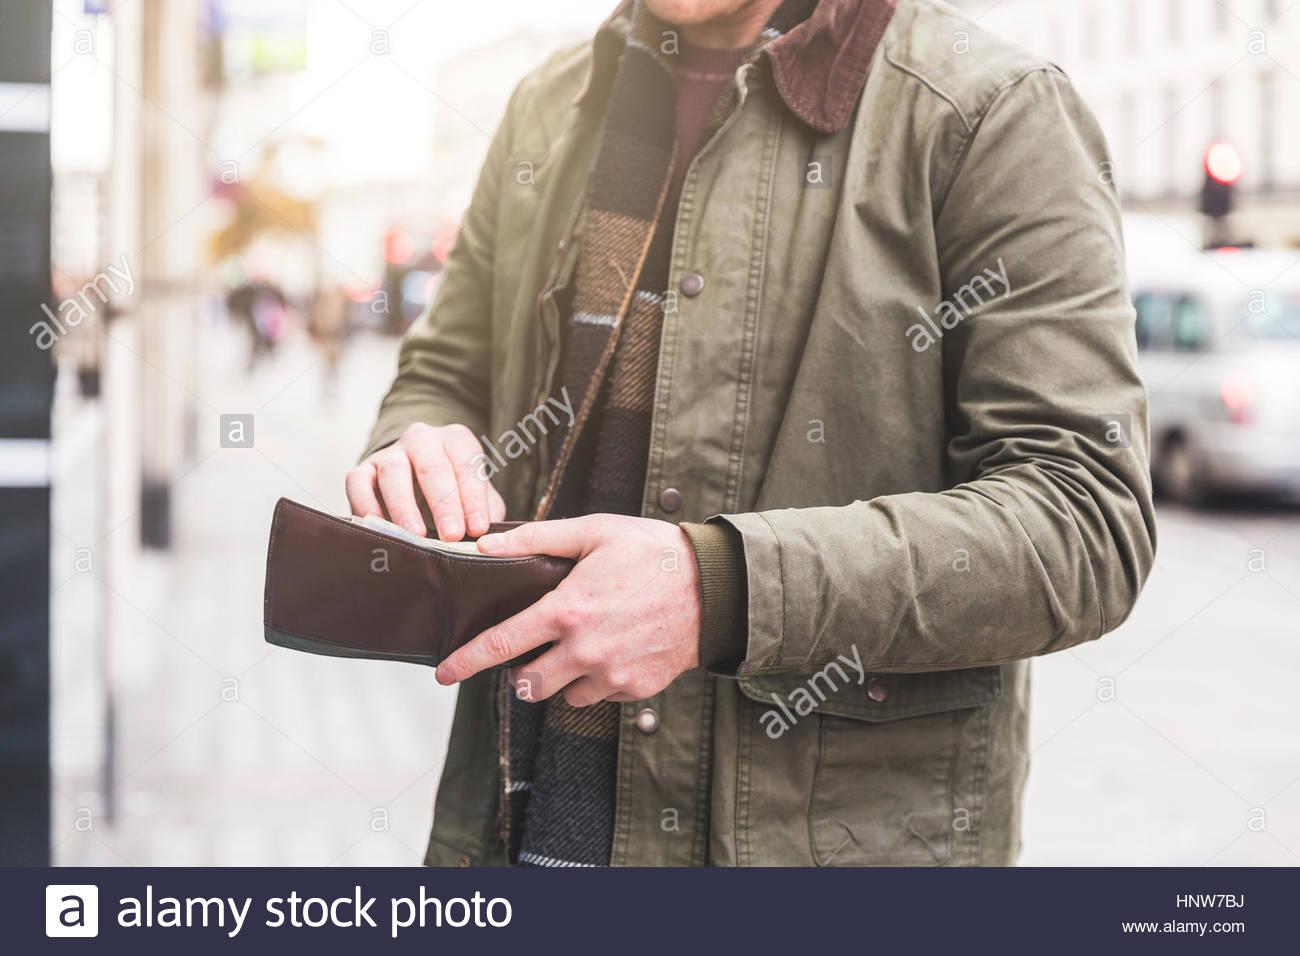 Mann überprüfen Brieftasche vor Geschäft, London, UK Stockbild